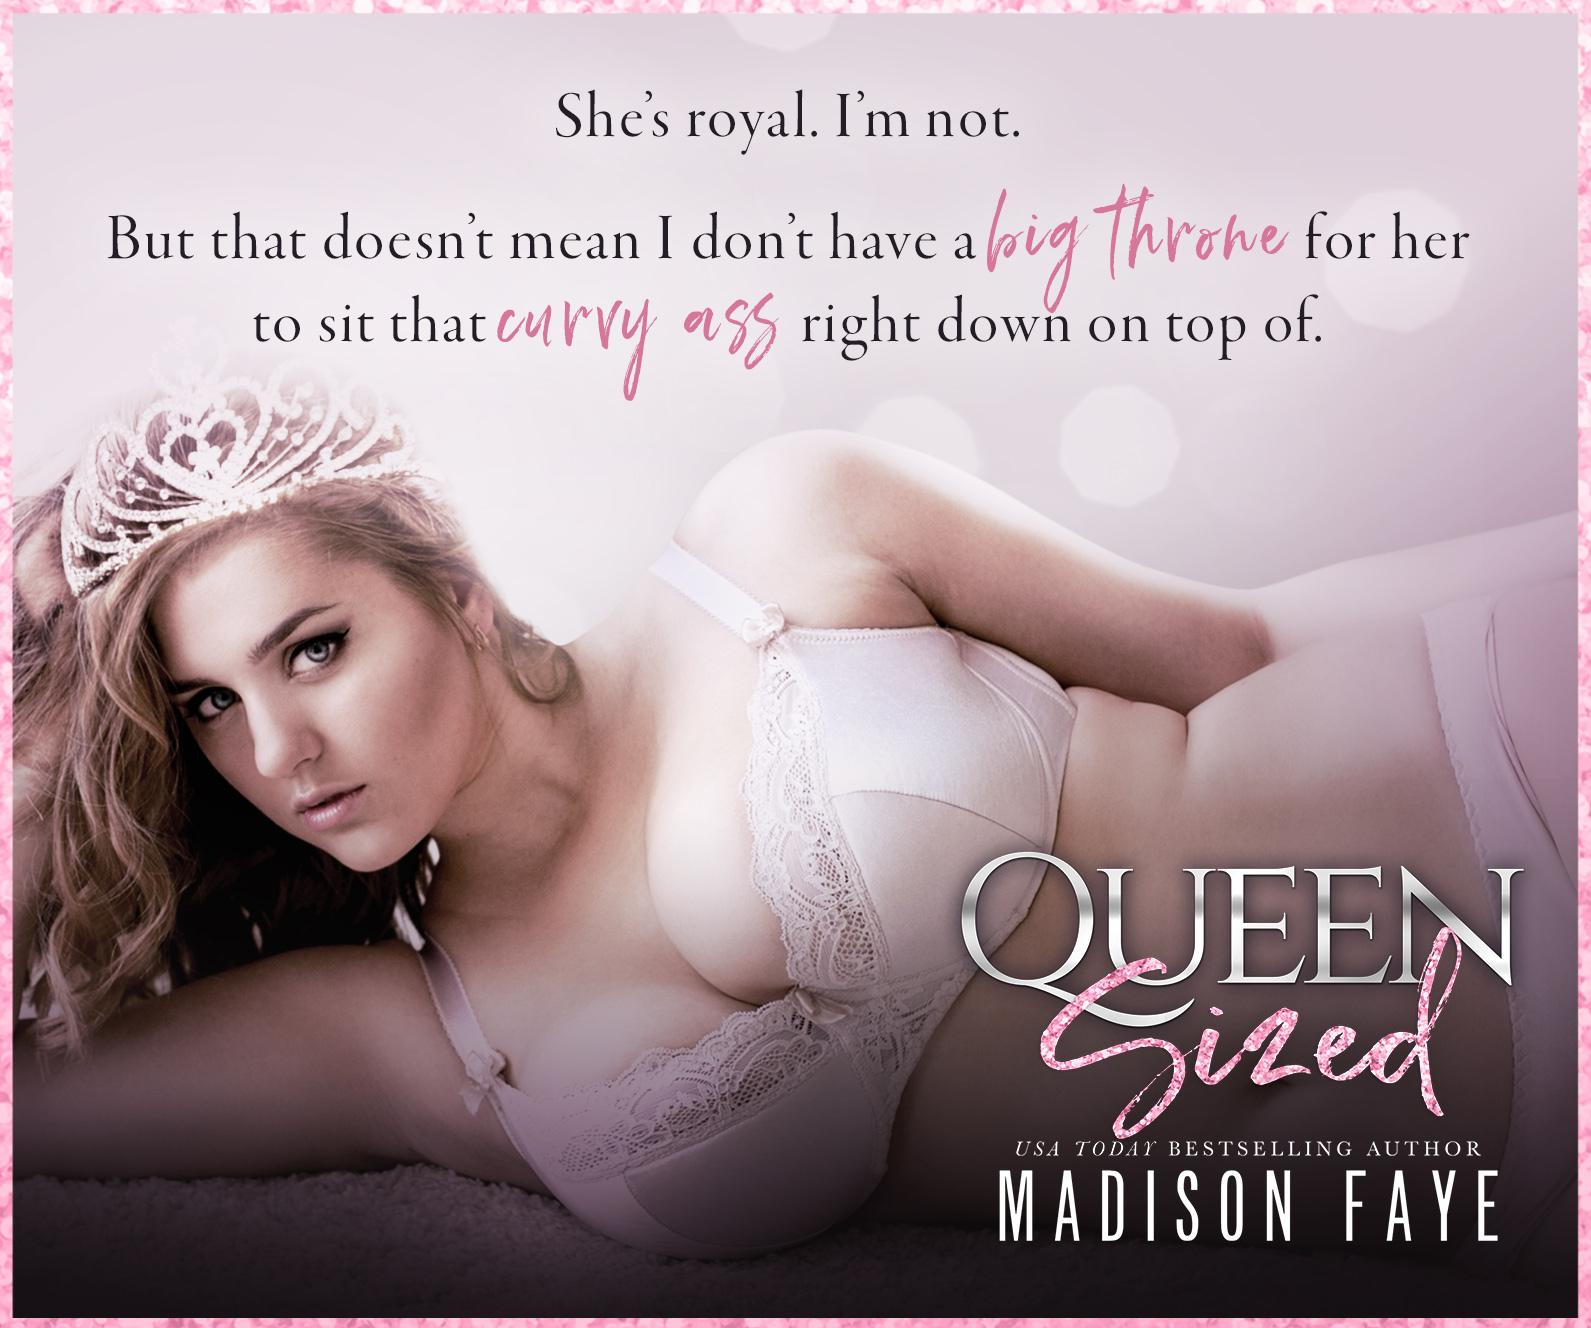 MF_QueenSized_Teaser2.jpg